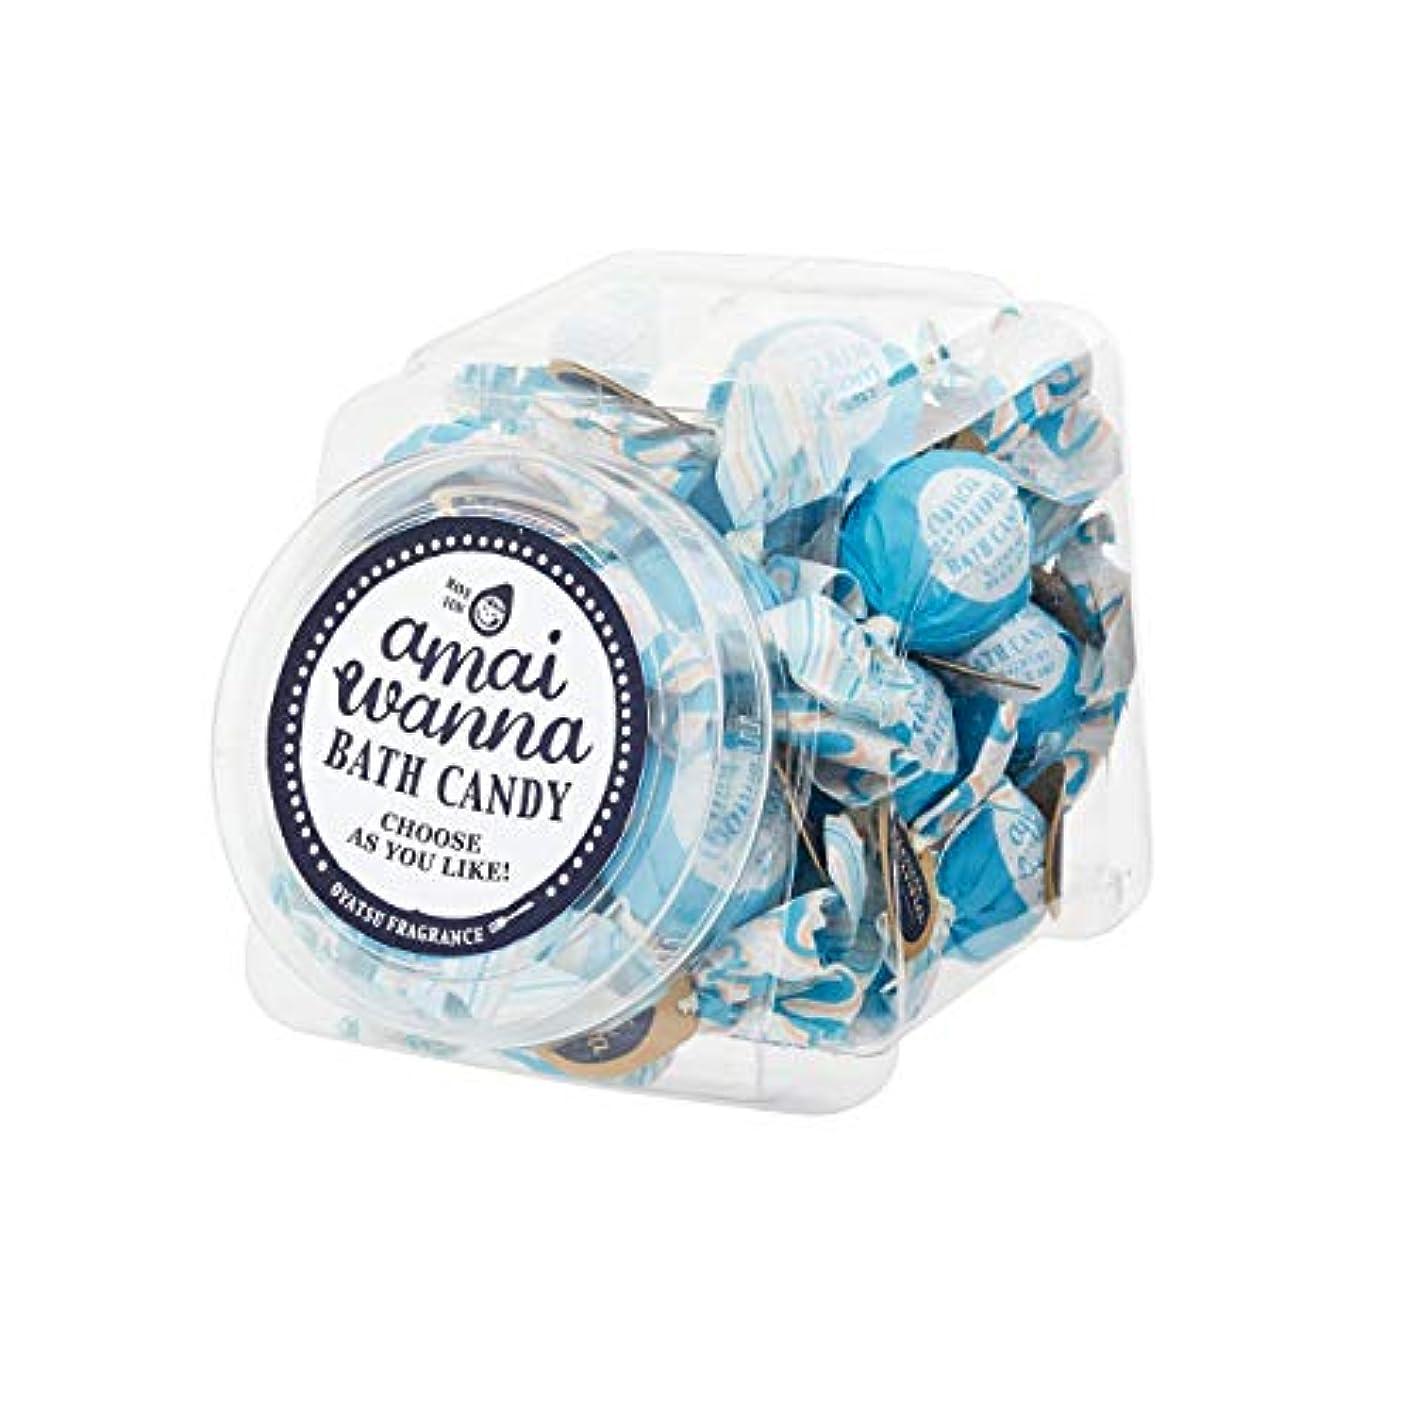 とにかくチップとげアマイワナSP バスキャンディーポットセット24粒入り(青空シトラス バスギフト キャンディーの形の入浴料 大人可愛い)